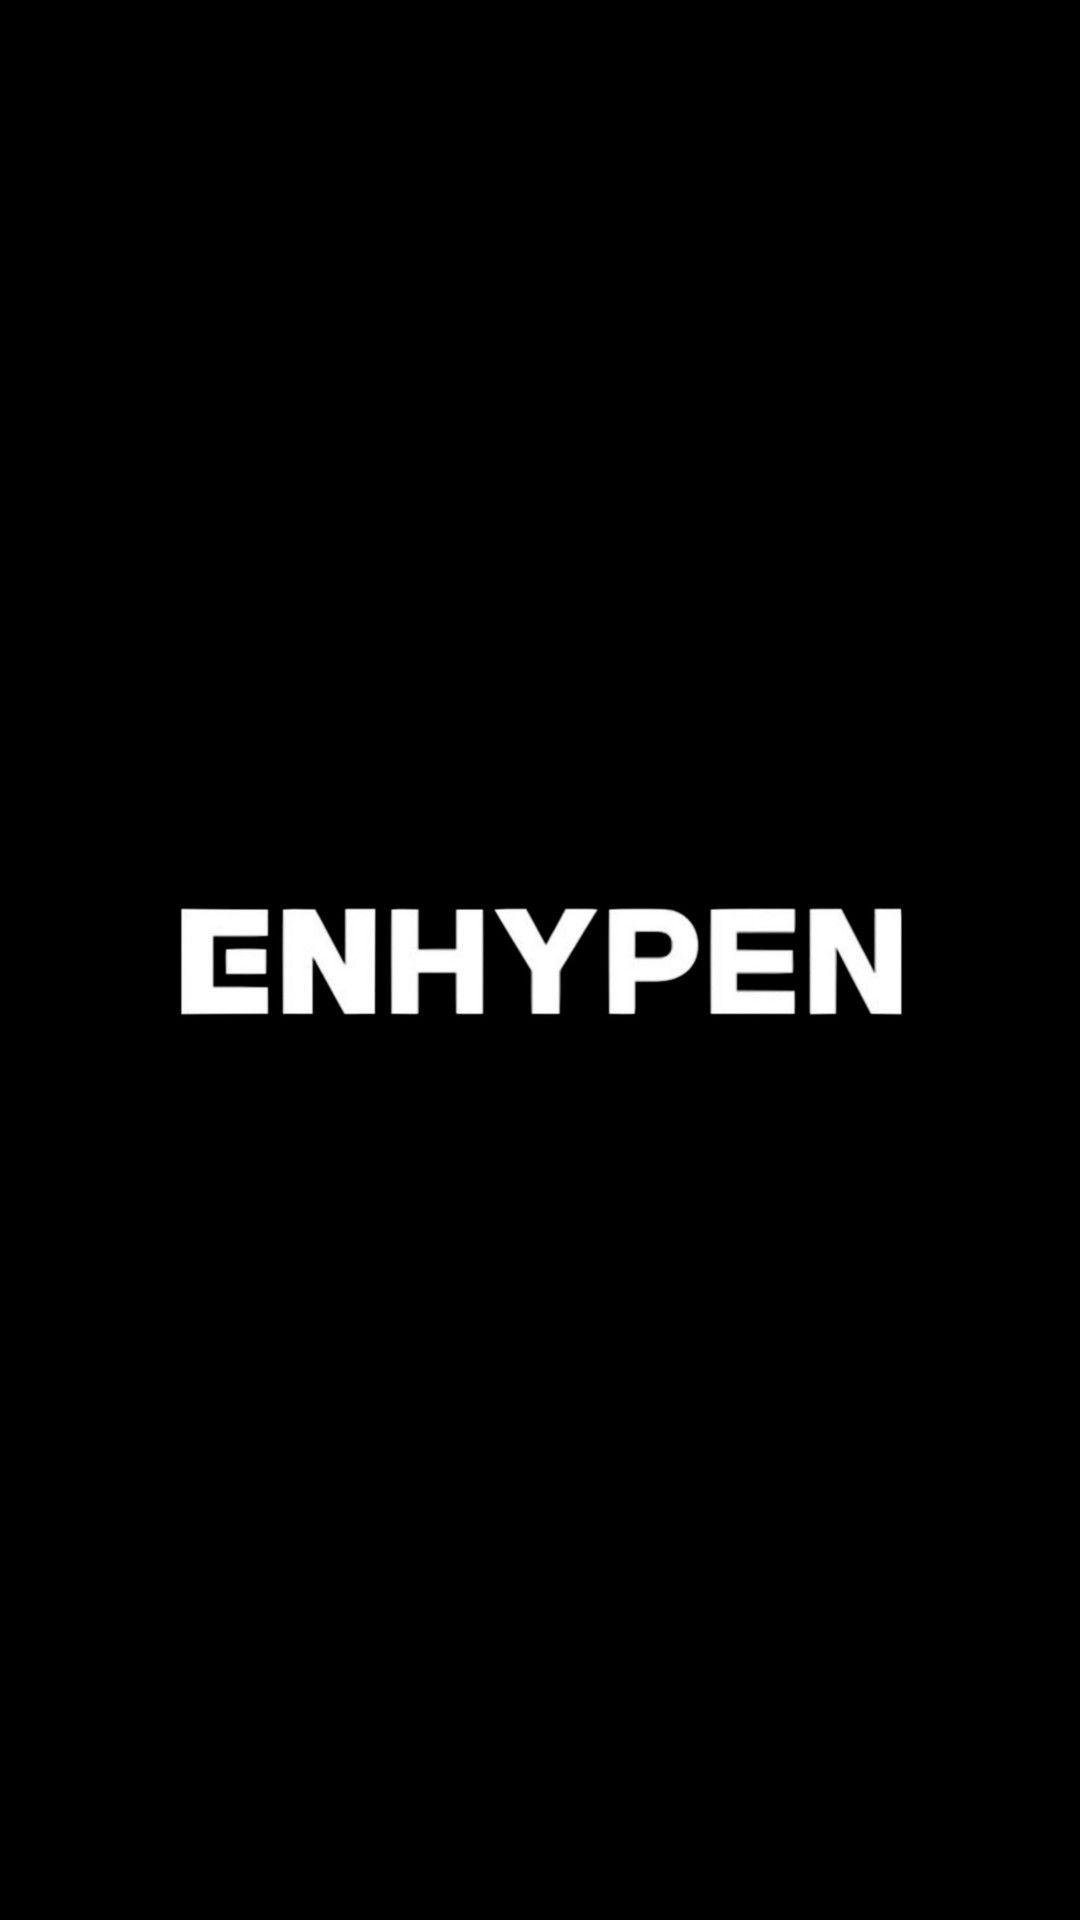 Enhypen Logo Wallpaper Lagu Kiat Belajar Belajar